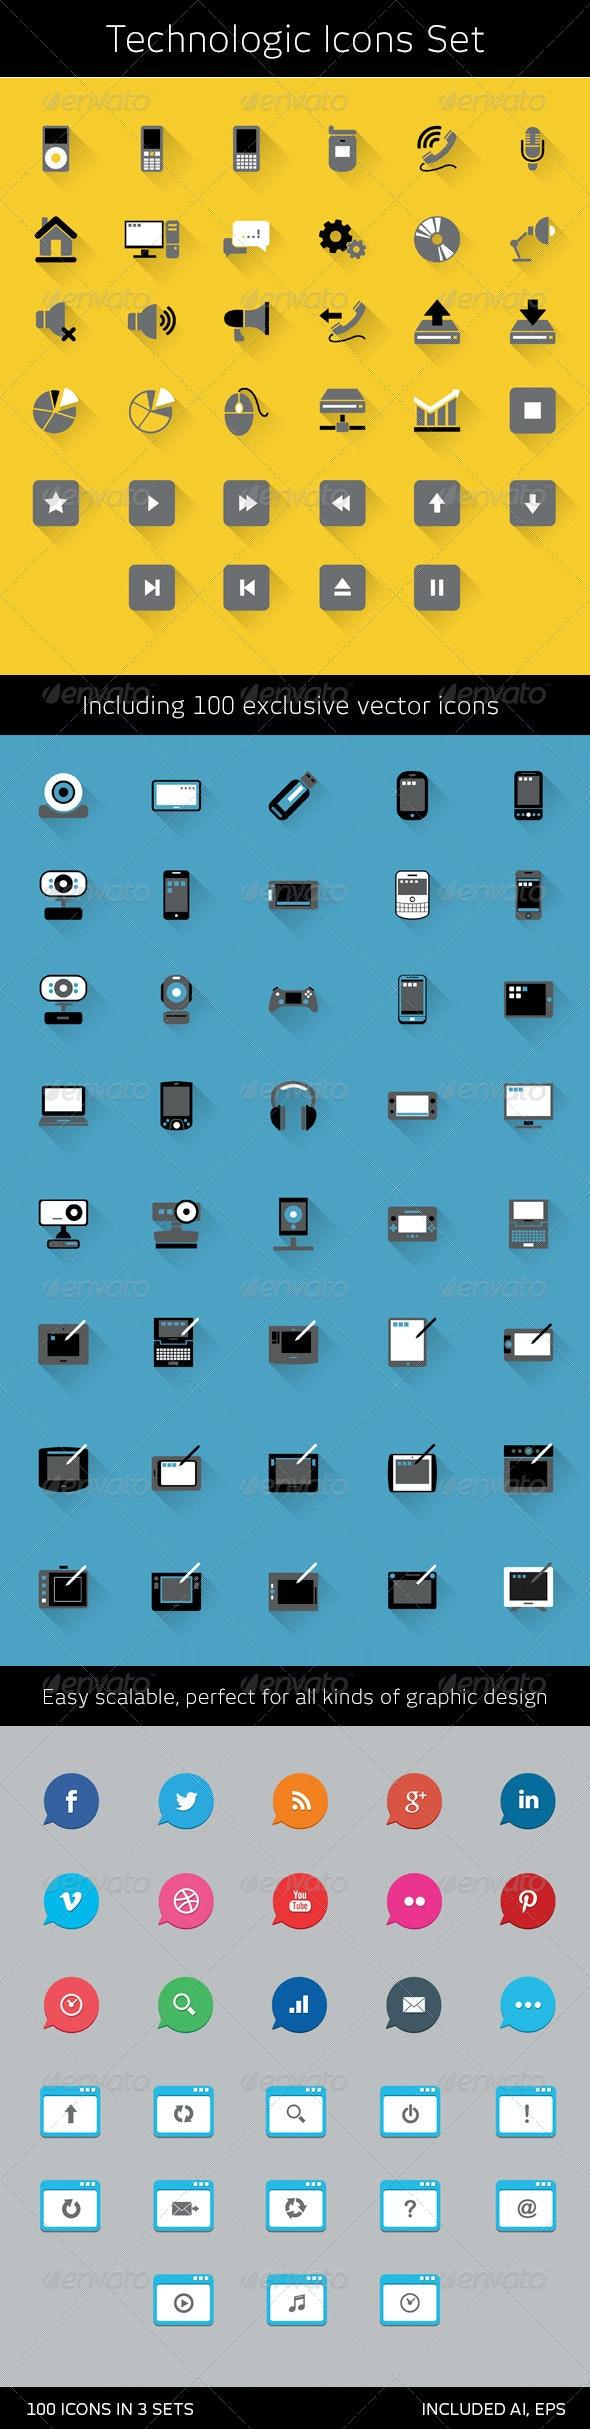 Technologic Icons Set